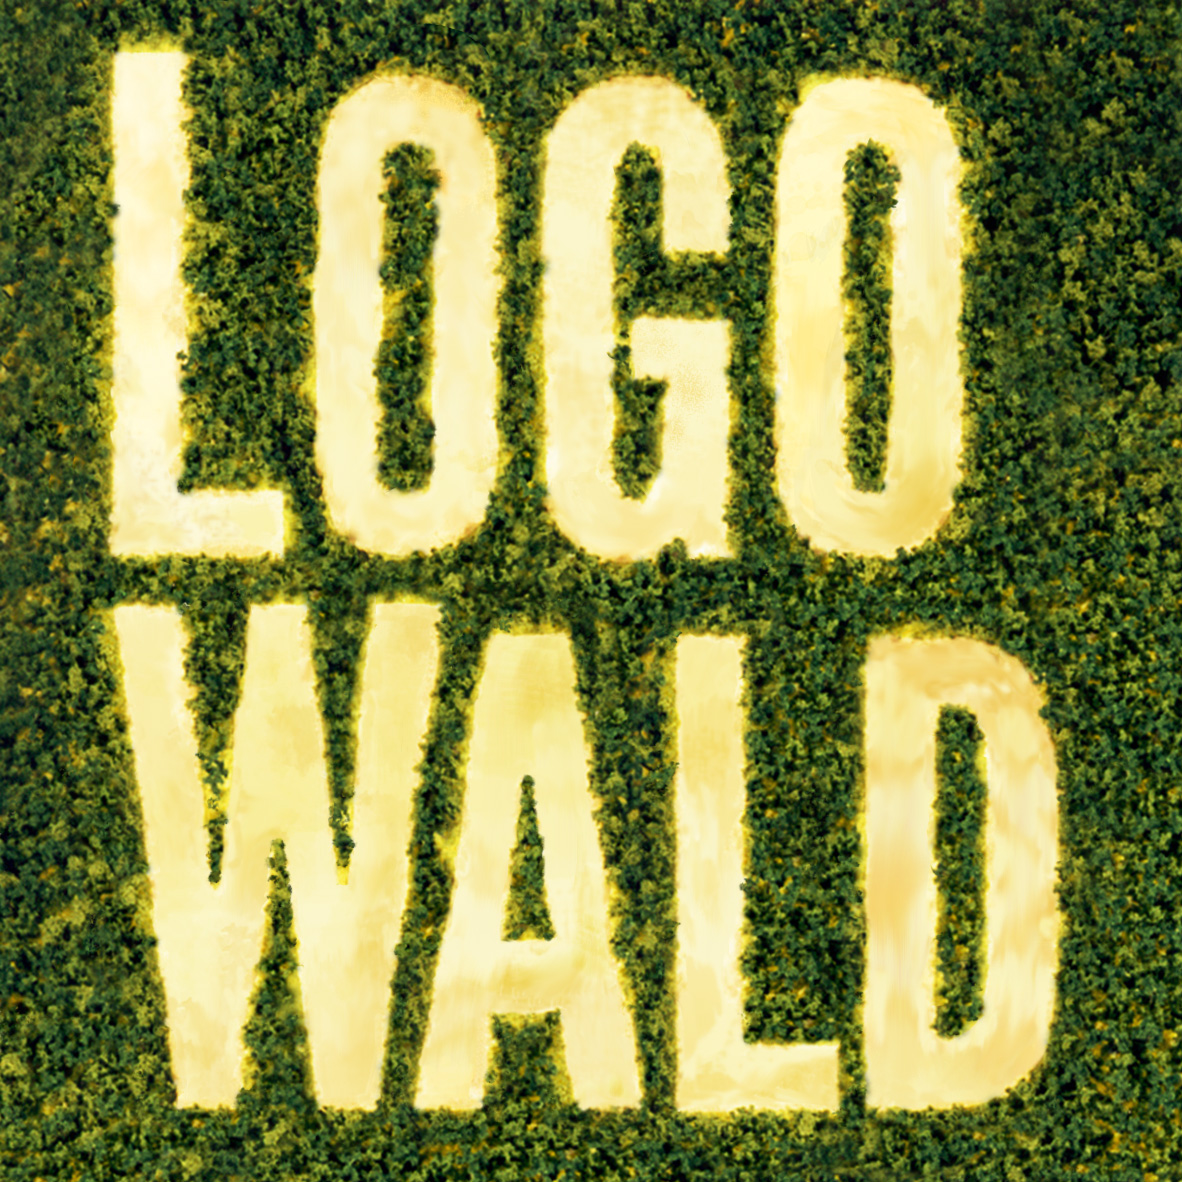 LogoWald Aufforstung Nachhaltigkeit CO2-Kompensation